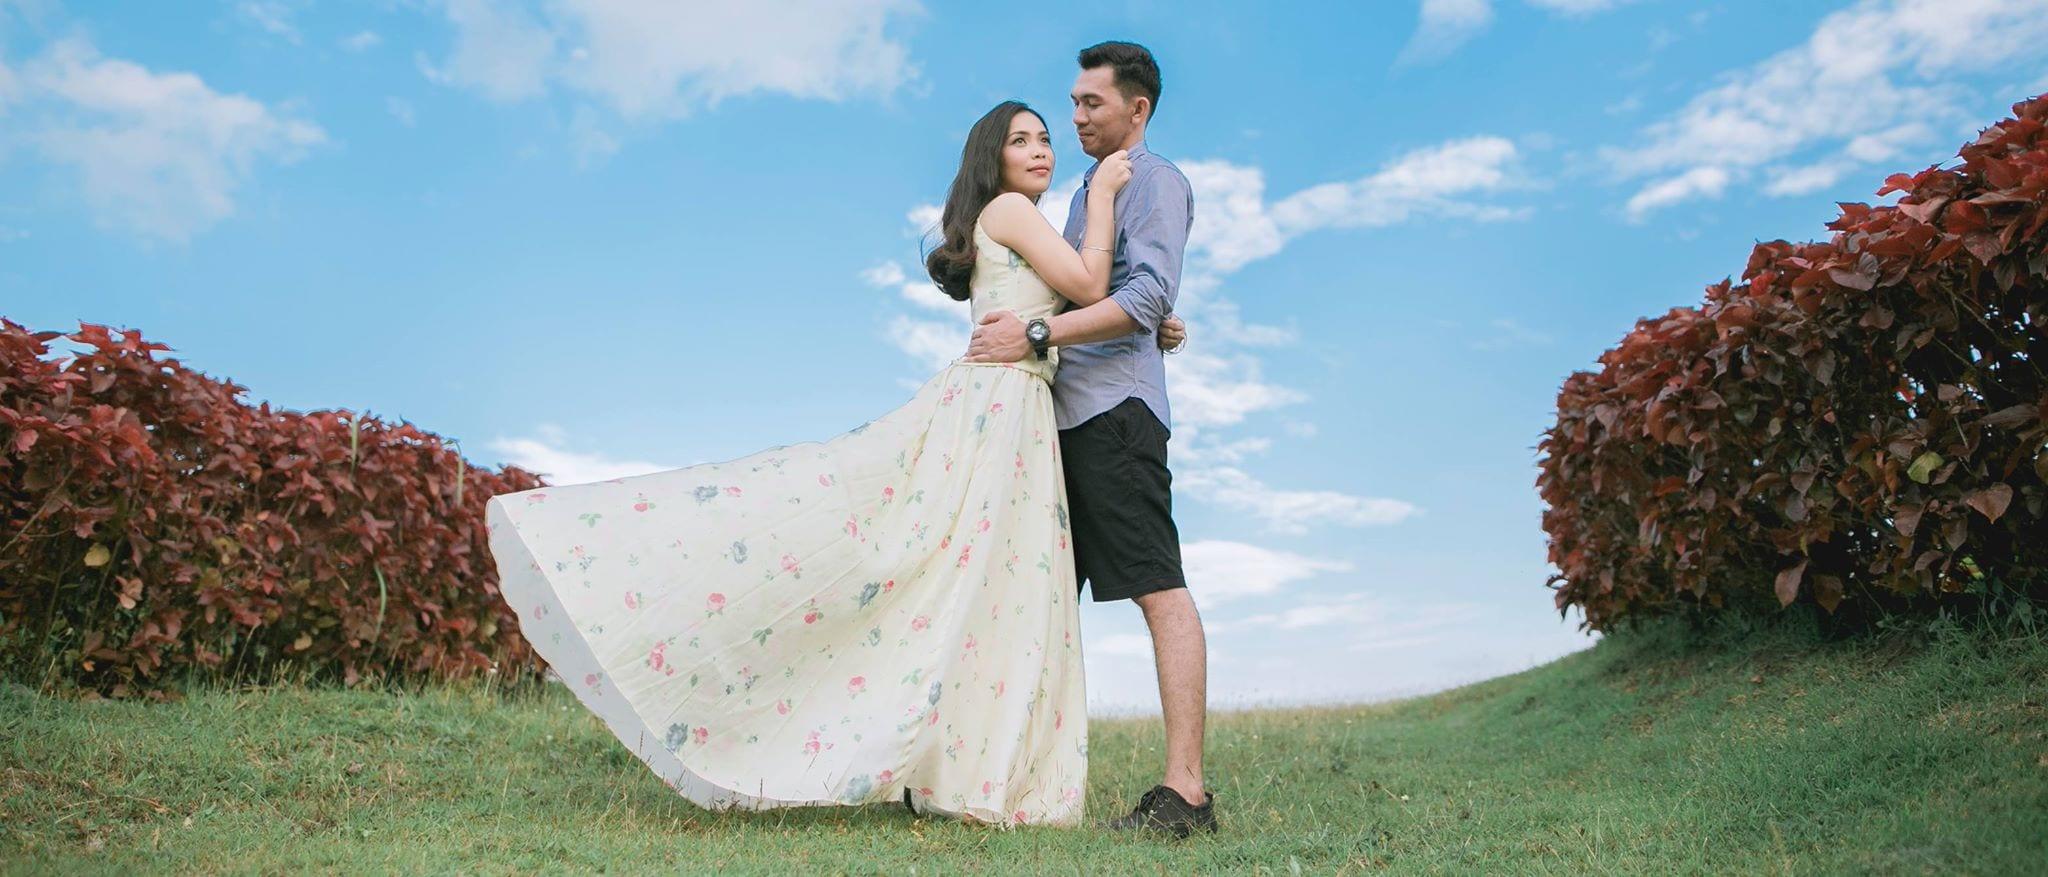 Manila Based Wedding Photographer